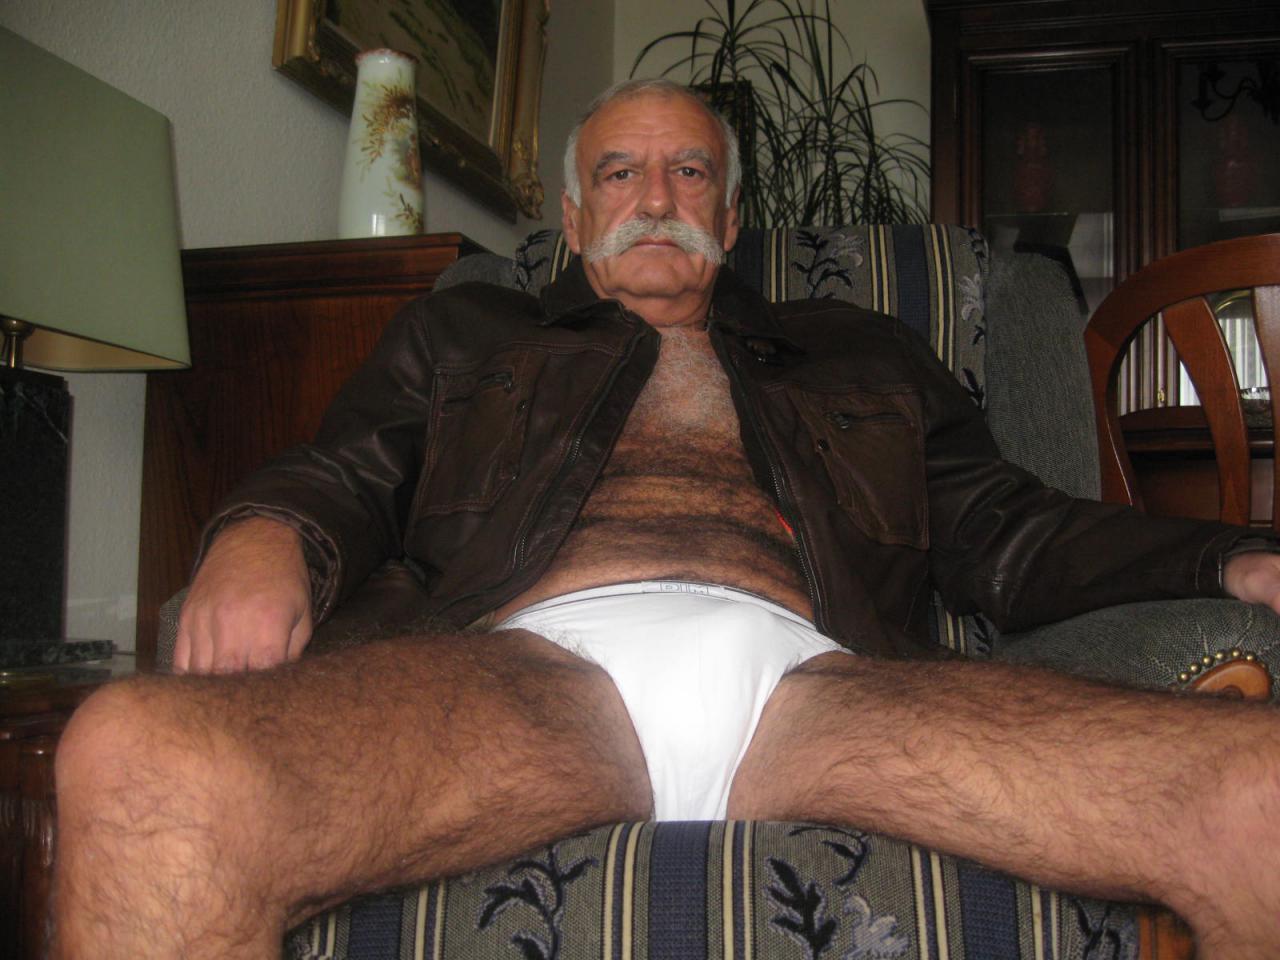 Gay Hairy Bears Older Men